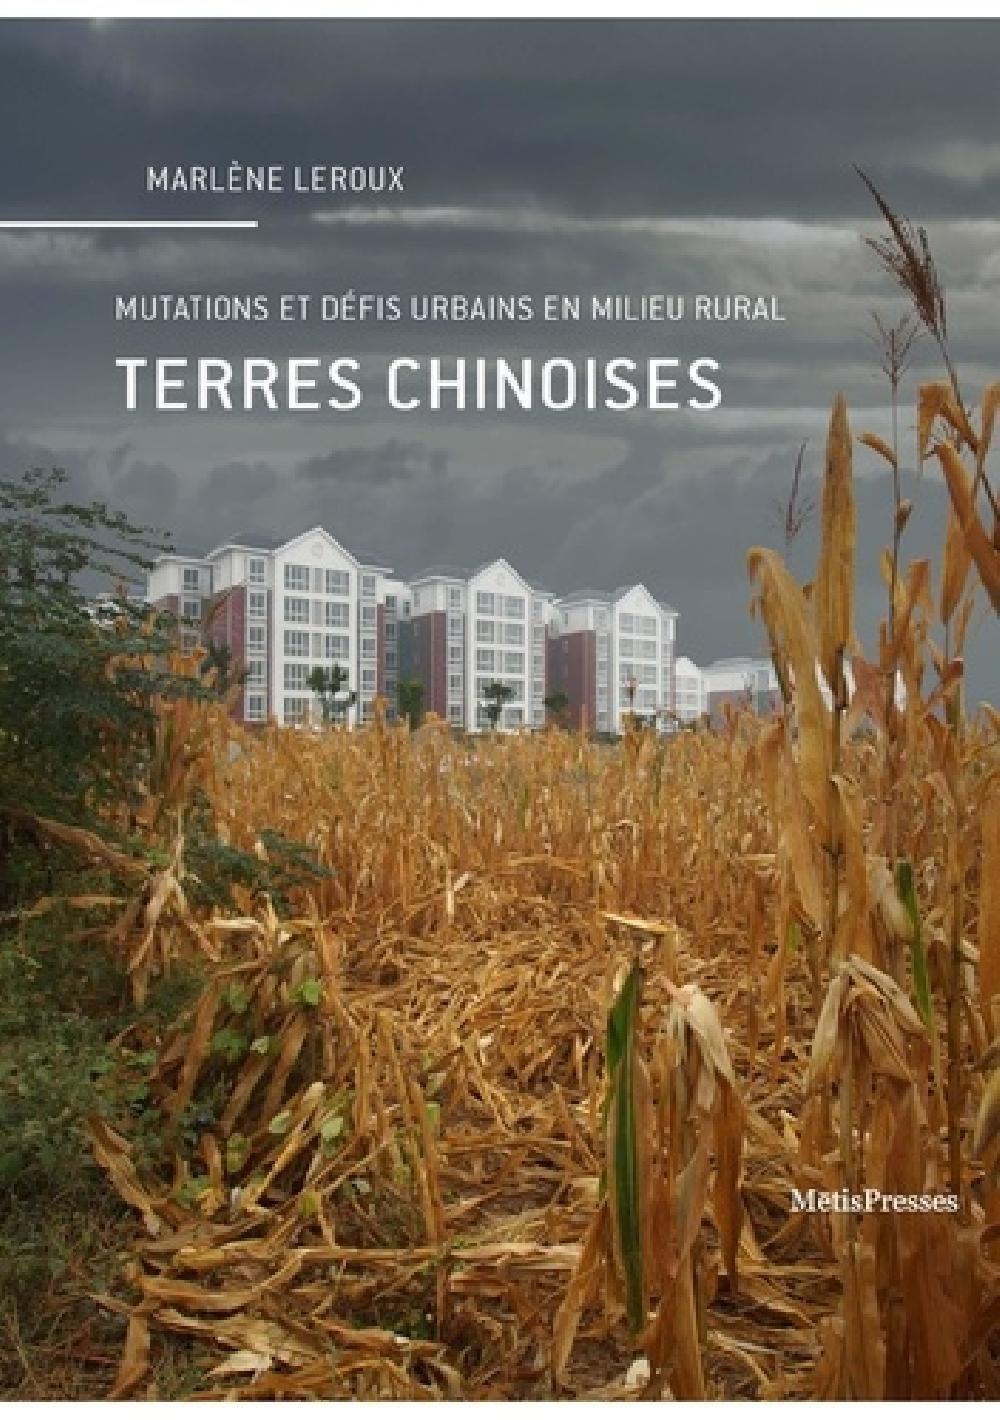 Terres chinoises - Mutations et défis urbains en milieu rural